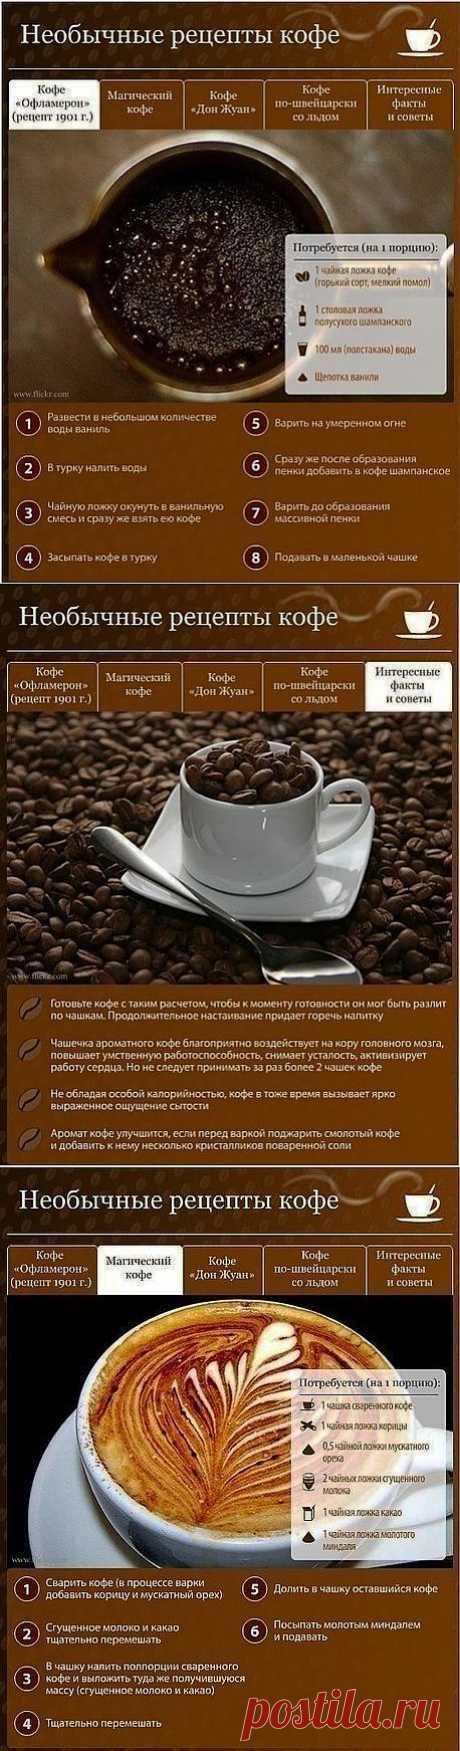 Необычные рецепты кофе.